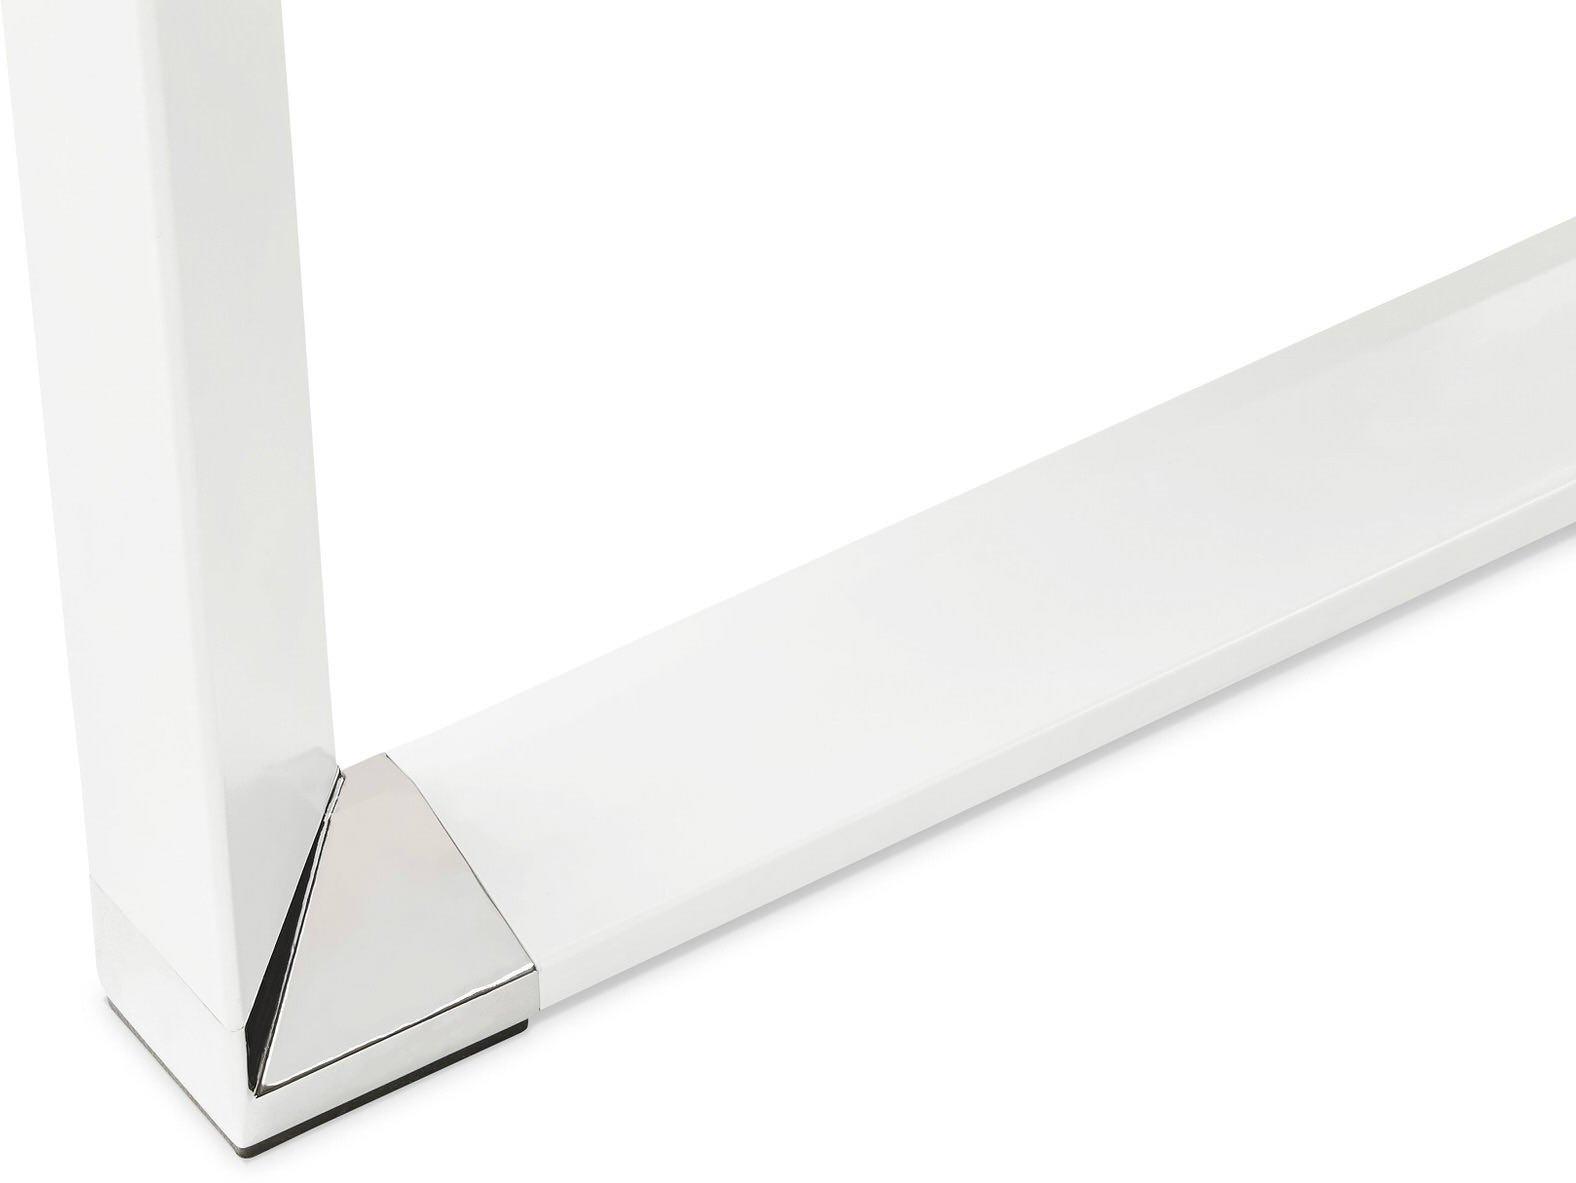 Bureau bois blanc warner à u ac chez recollection